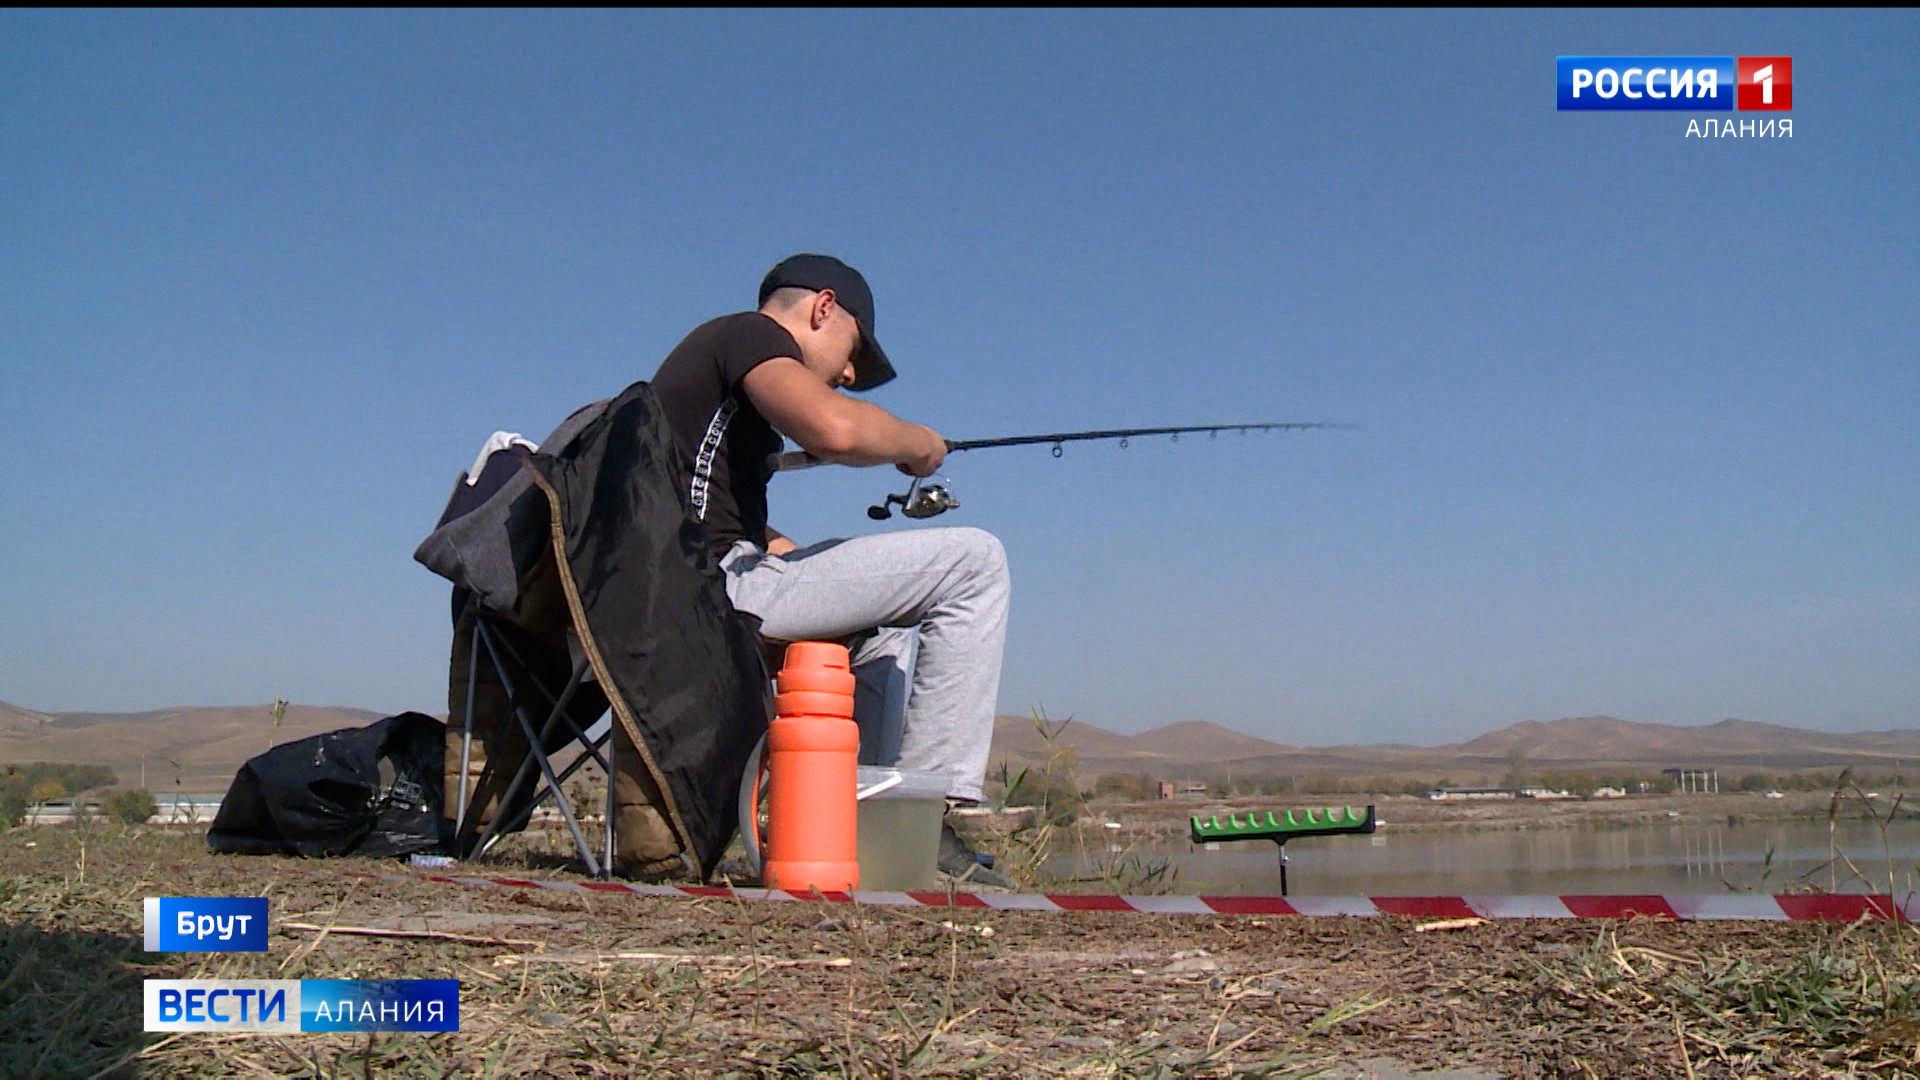 В селении Брут прошел чемпионат по спортивной рыбалке